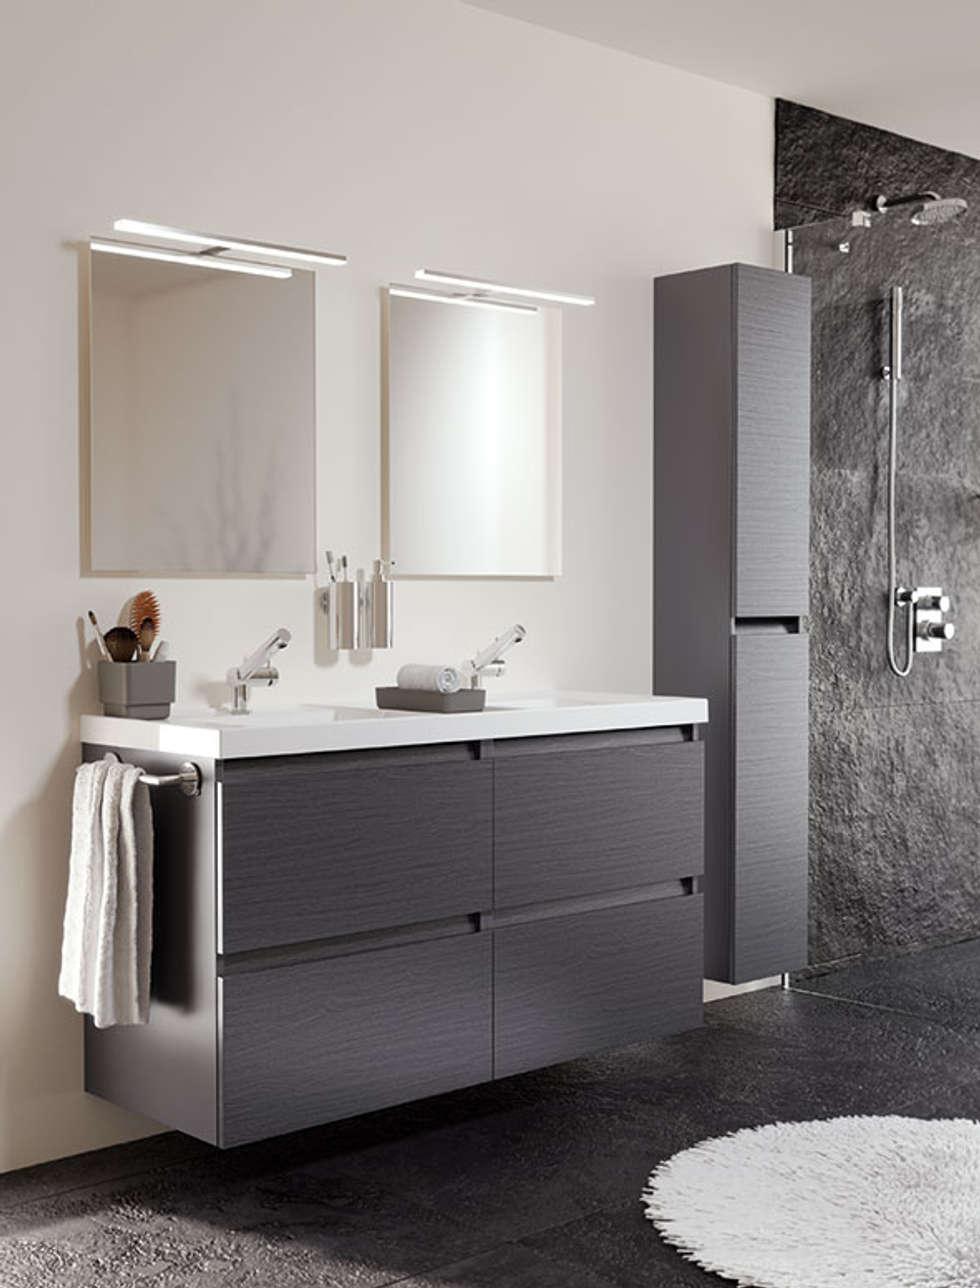 mueble pizarra con lavabo de resina con dos senos y cuatro cajones cm x cm de